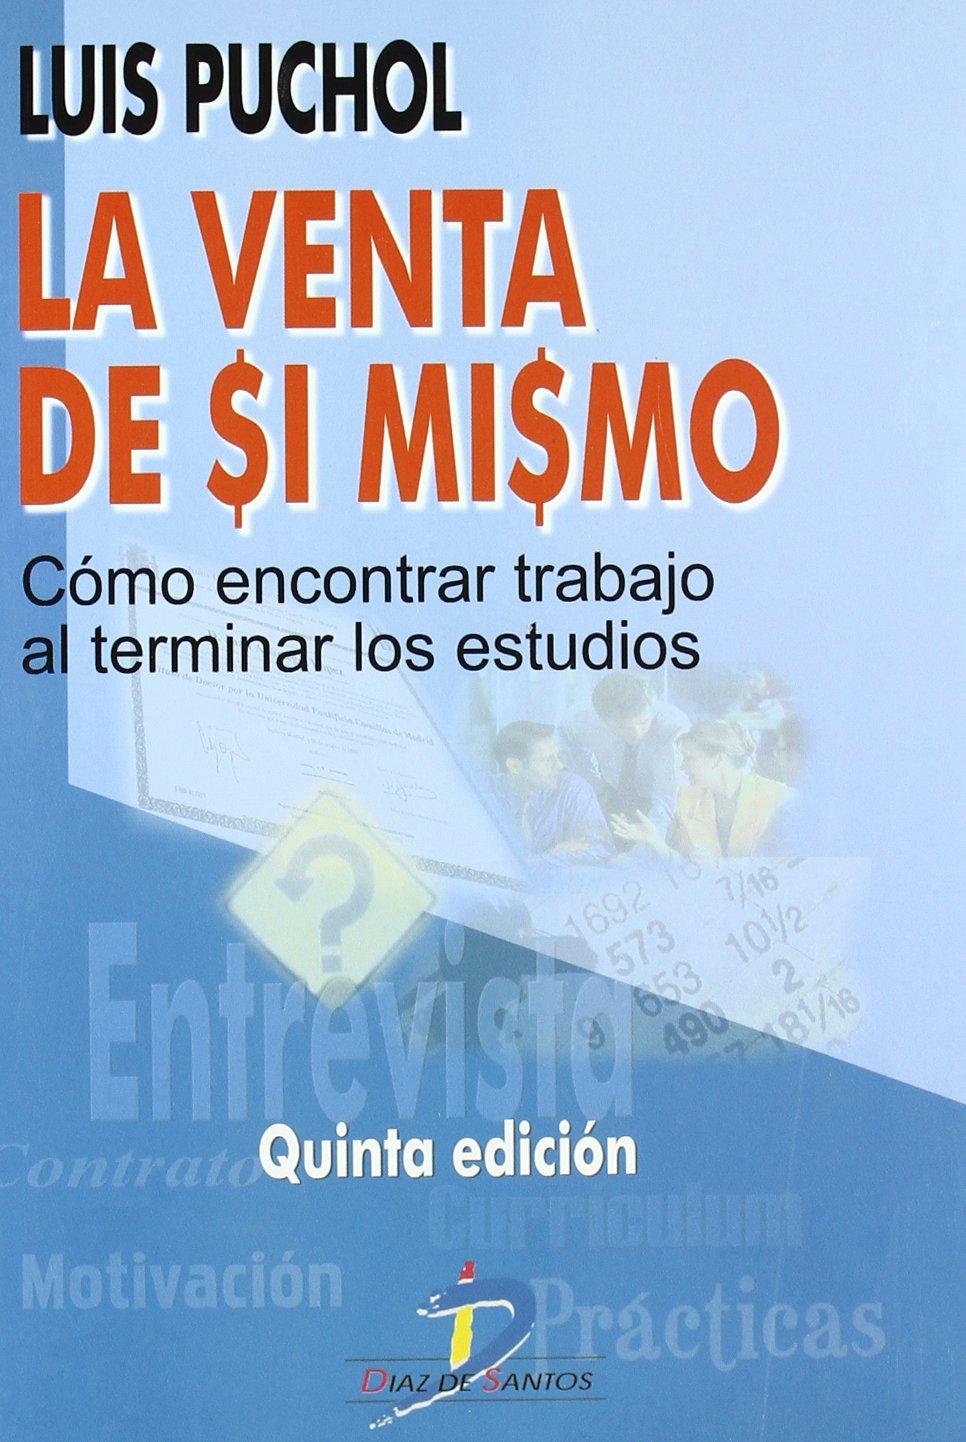 La venta de si mismo.: Amazon.es: Luis Puchol Moreno: Libros